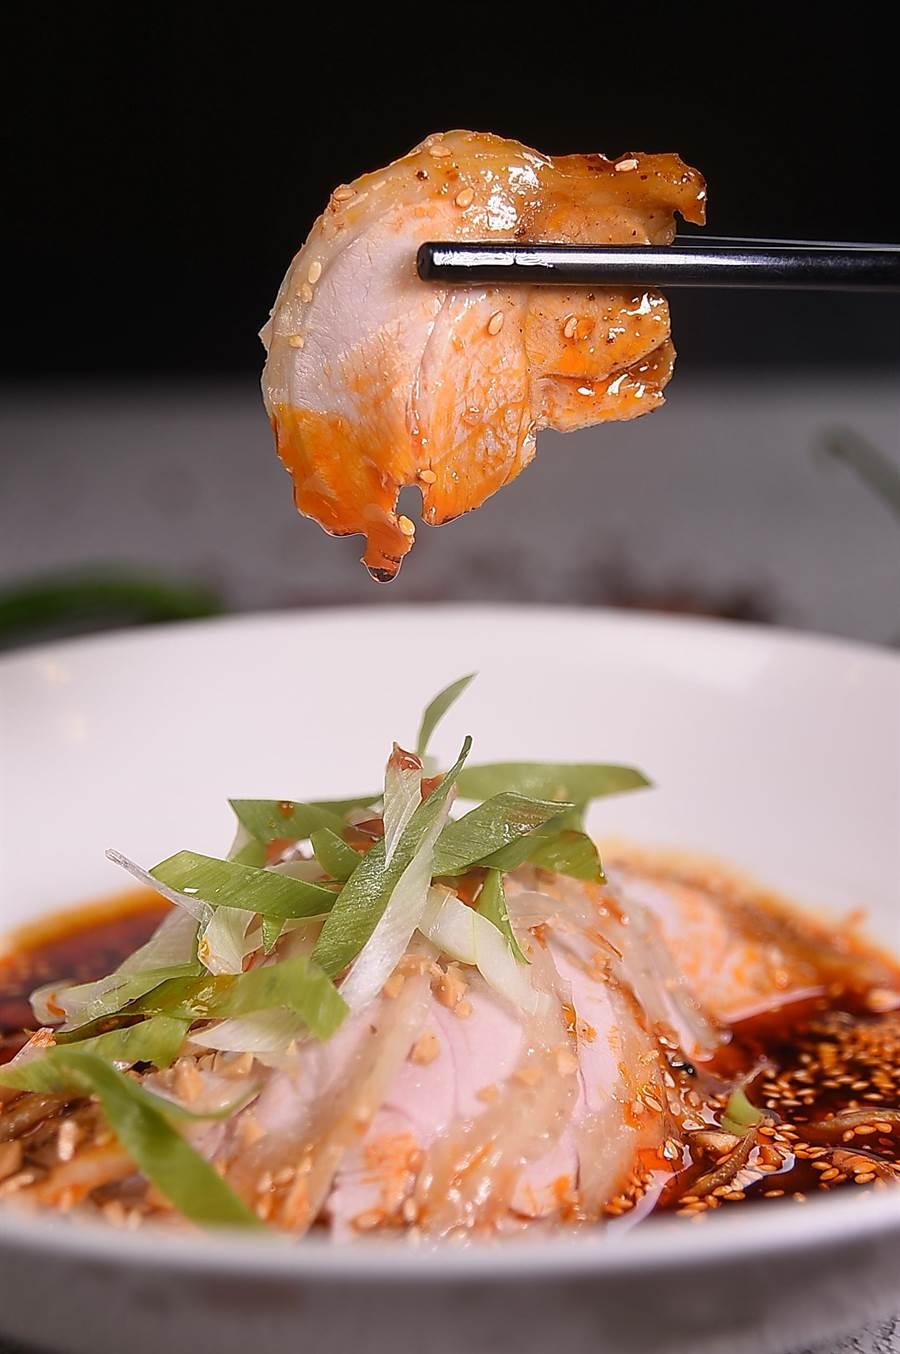 〈缽缽雞〉吃的是皮脆肉嫩與麻辣鮮香的雞肉片,本是川味小吃,王正金將它變身為酒樓宴會菜式。(攝影/姚舜)